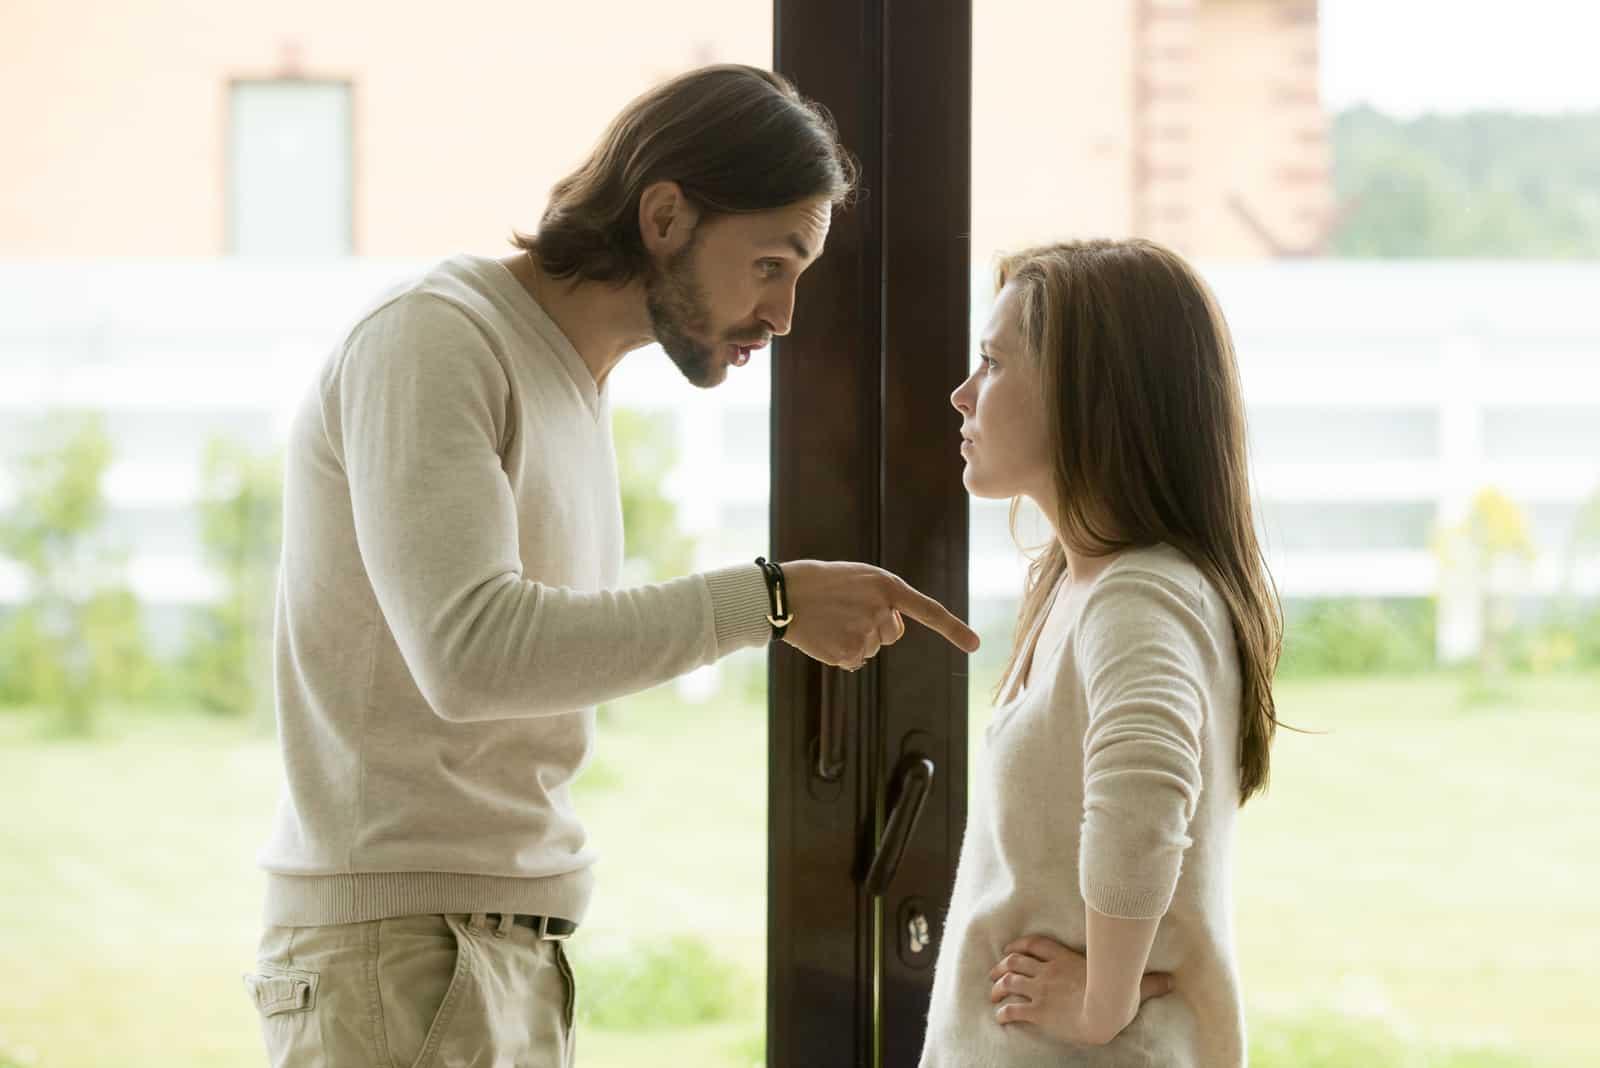 un homme et une femme se disputent